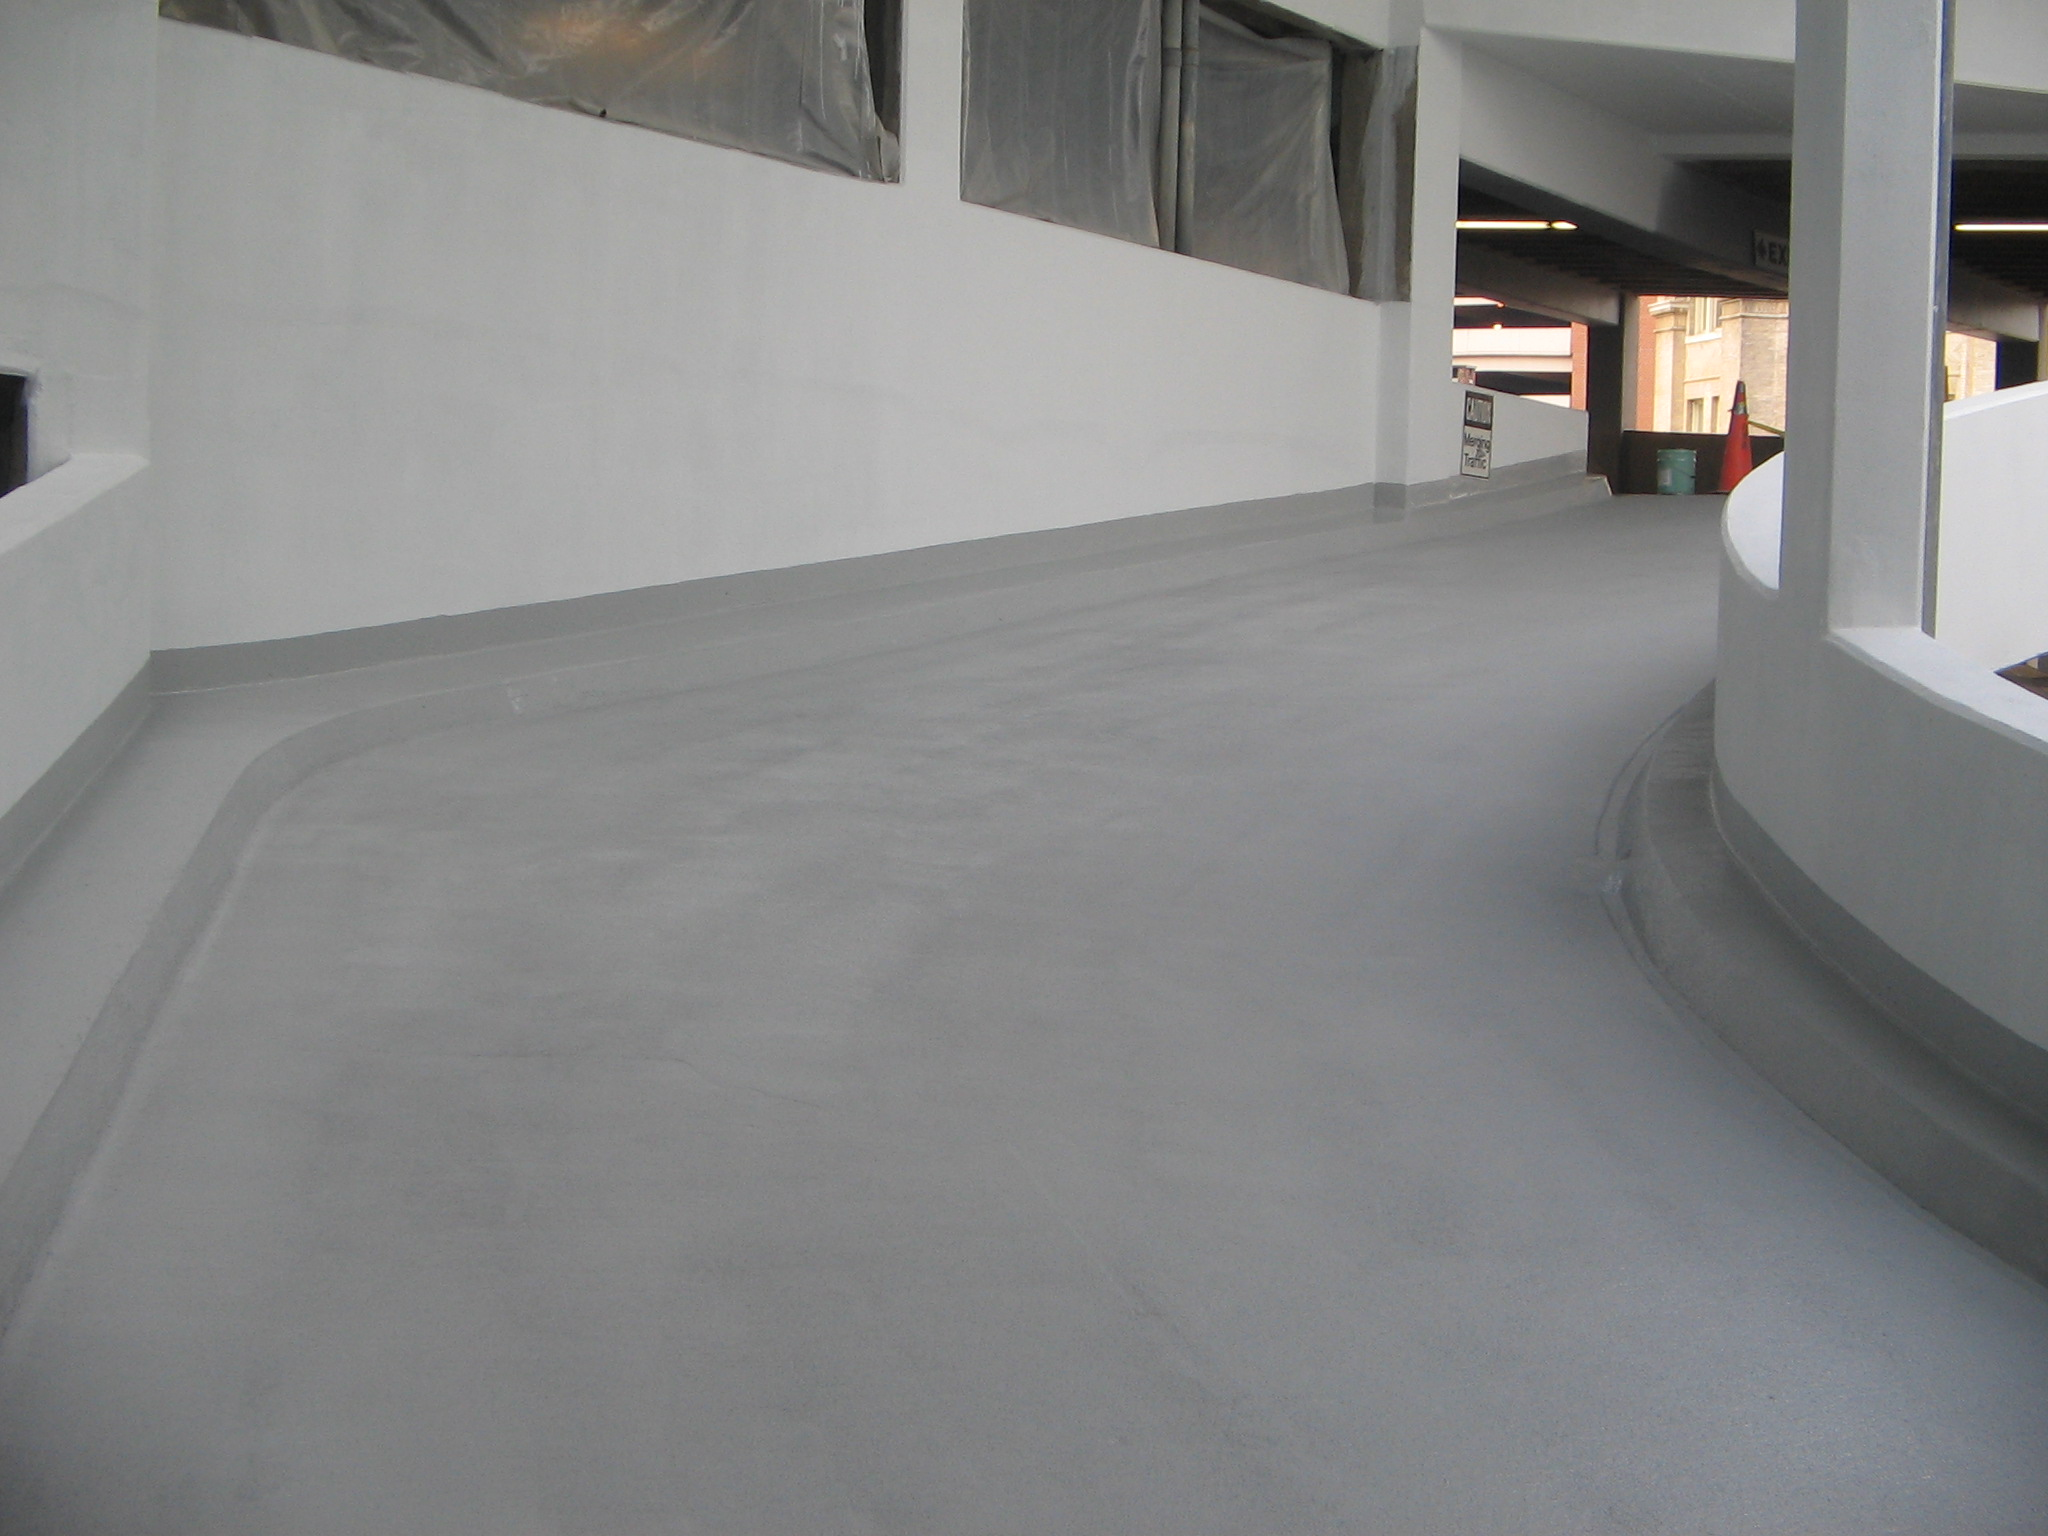 membrane-insallation-complete-16